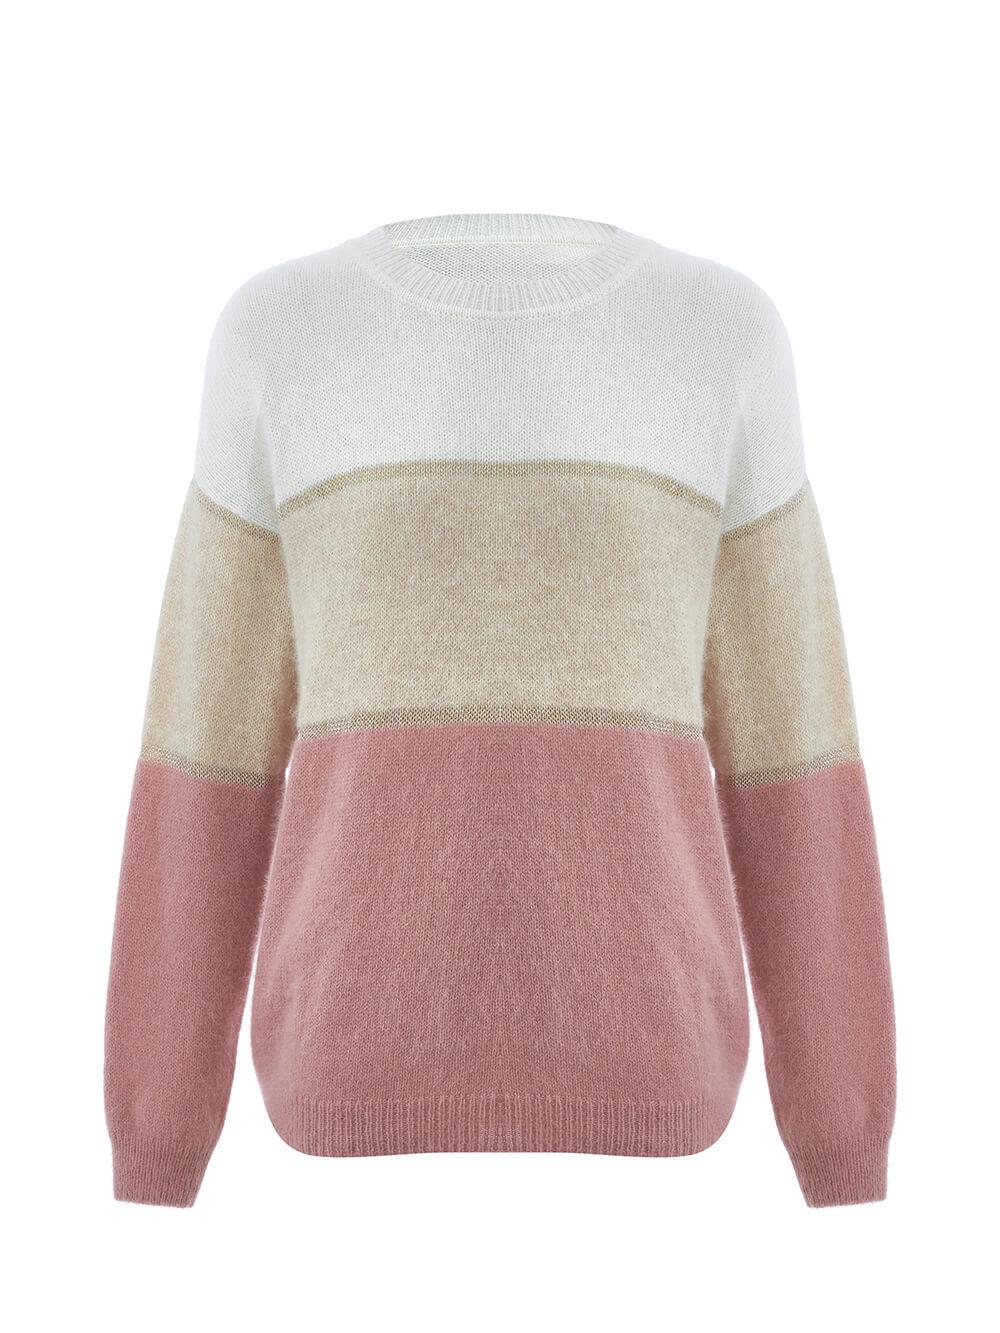 Женский джемпер с полосами бежево-розового цвета из ангоры - фото 1